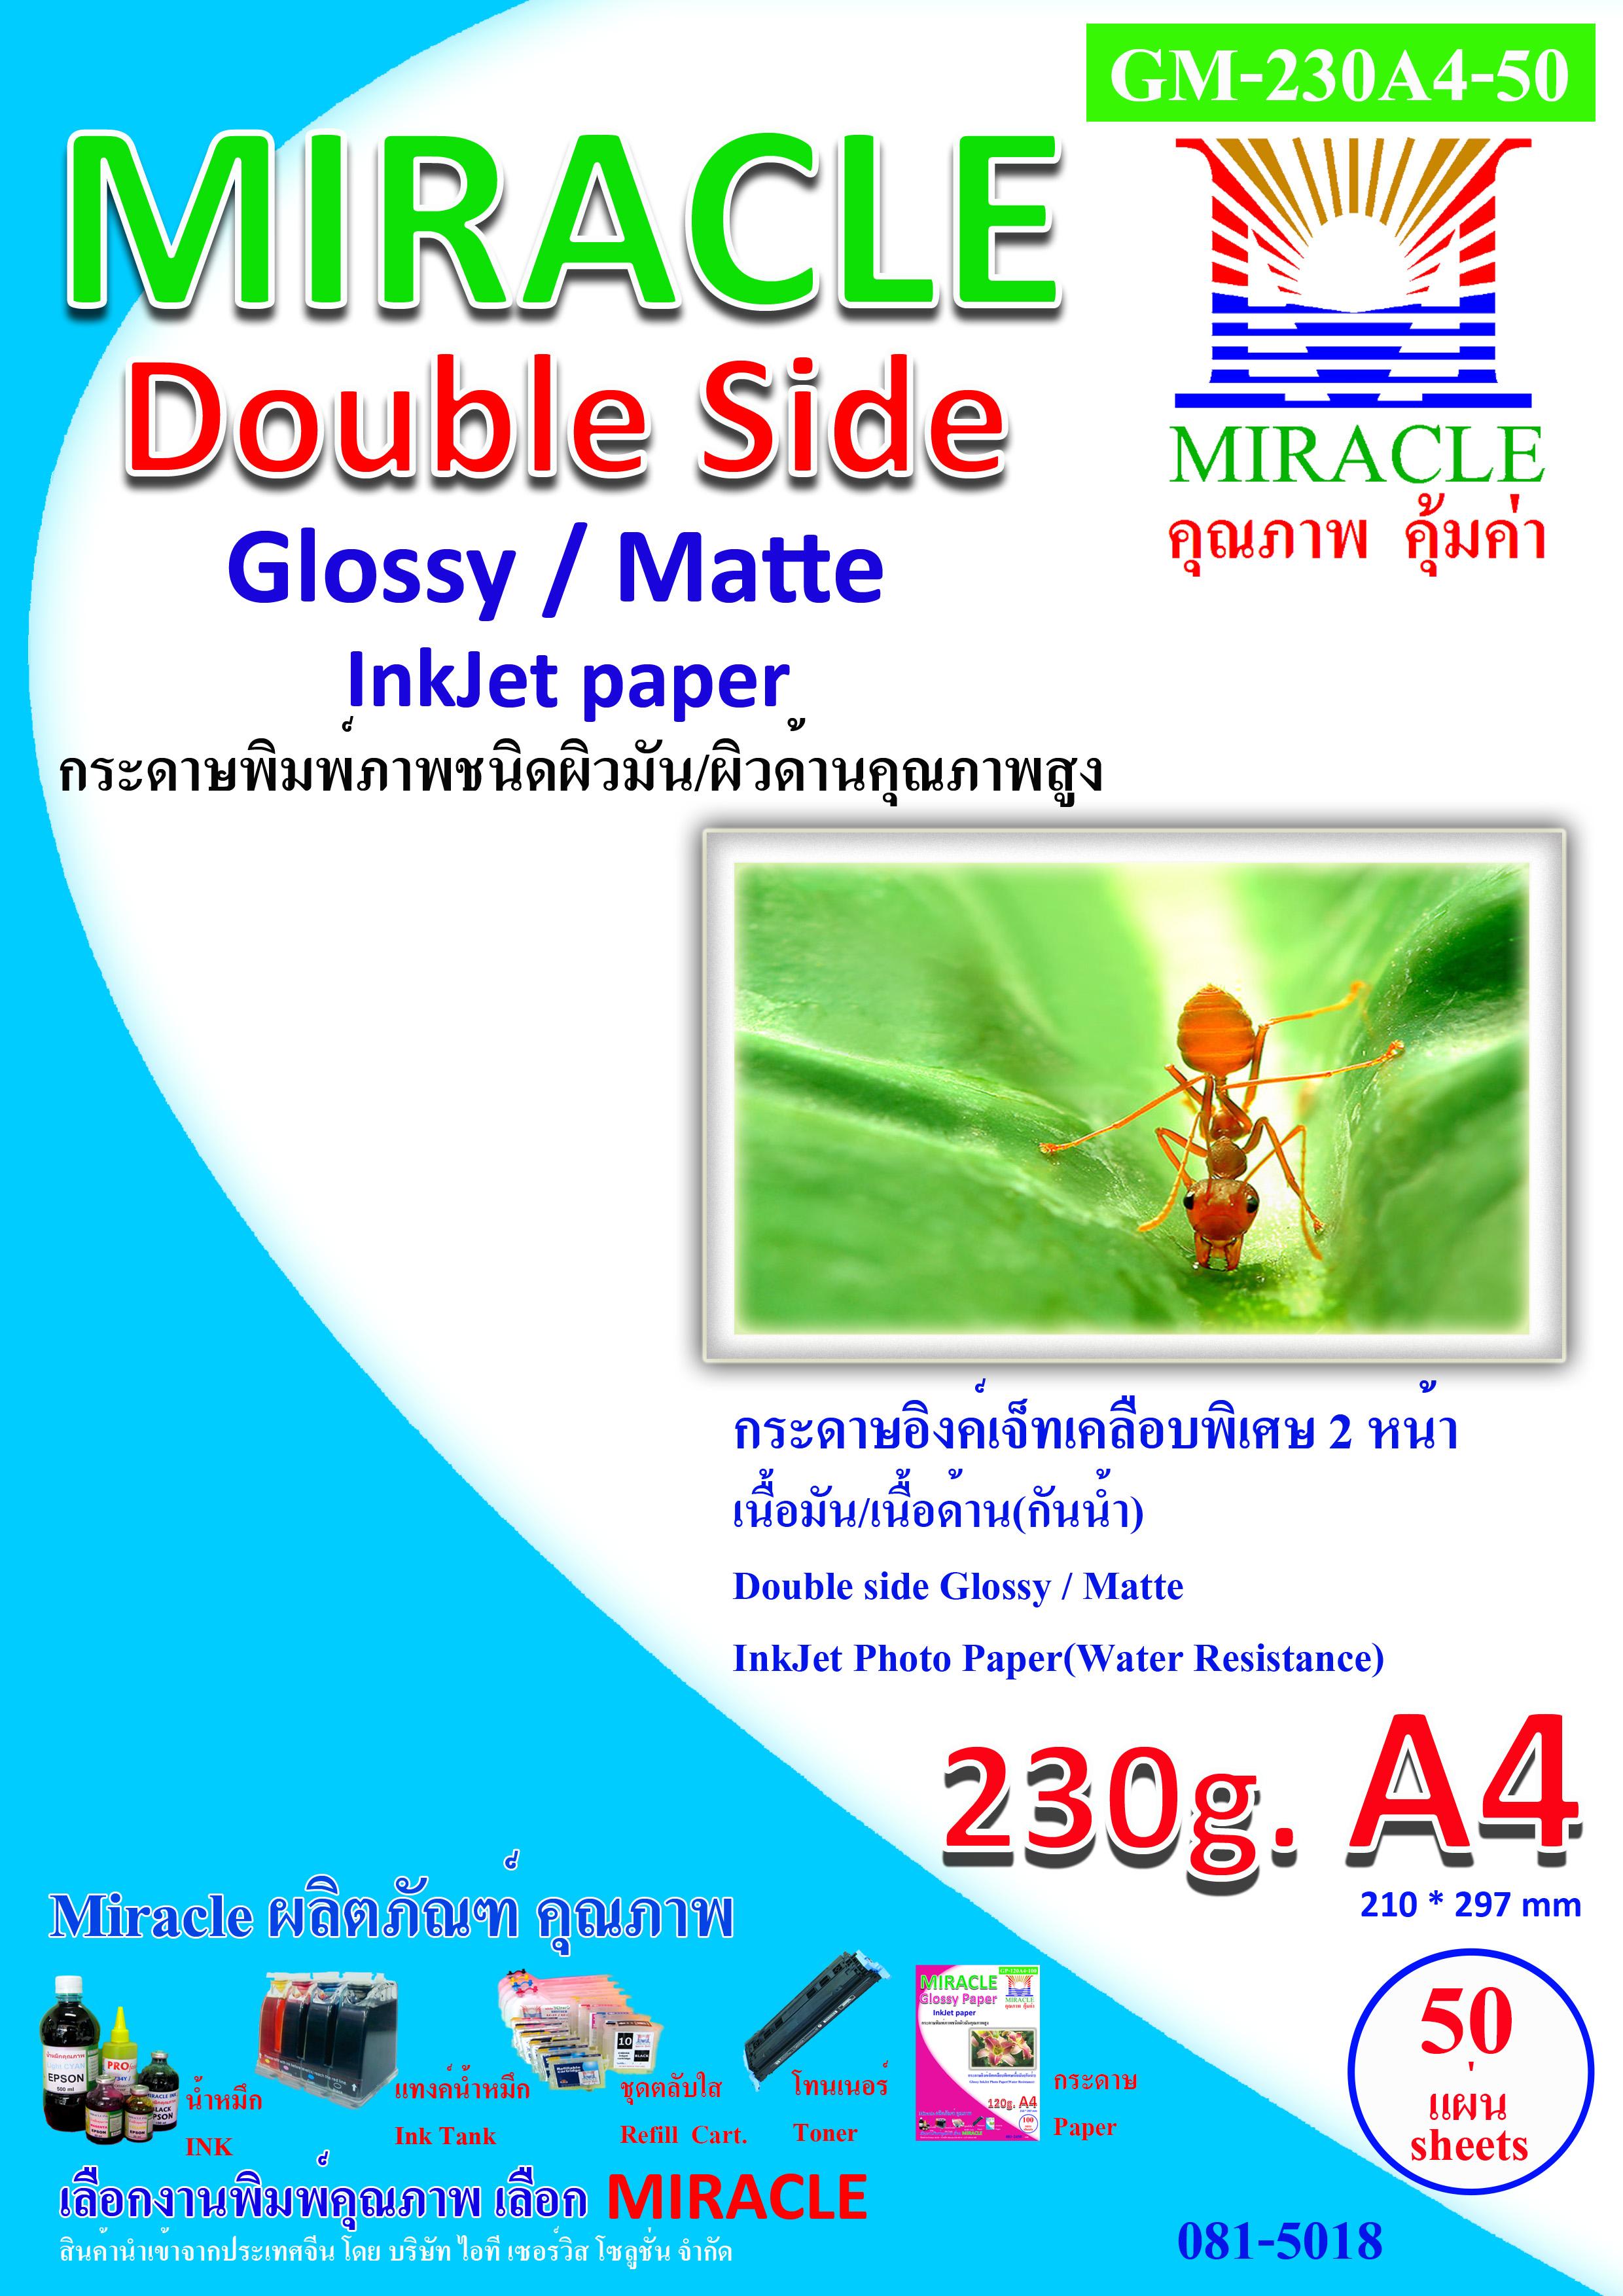 กระดาษอิ้งค์เจท 2หน้า เนื้อมัน/เนื้อด้าน หนา 230 แกรม (กันน้ำ) ขนาด A4